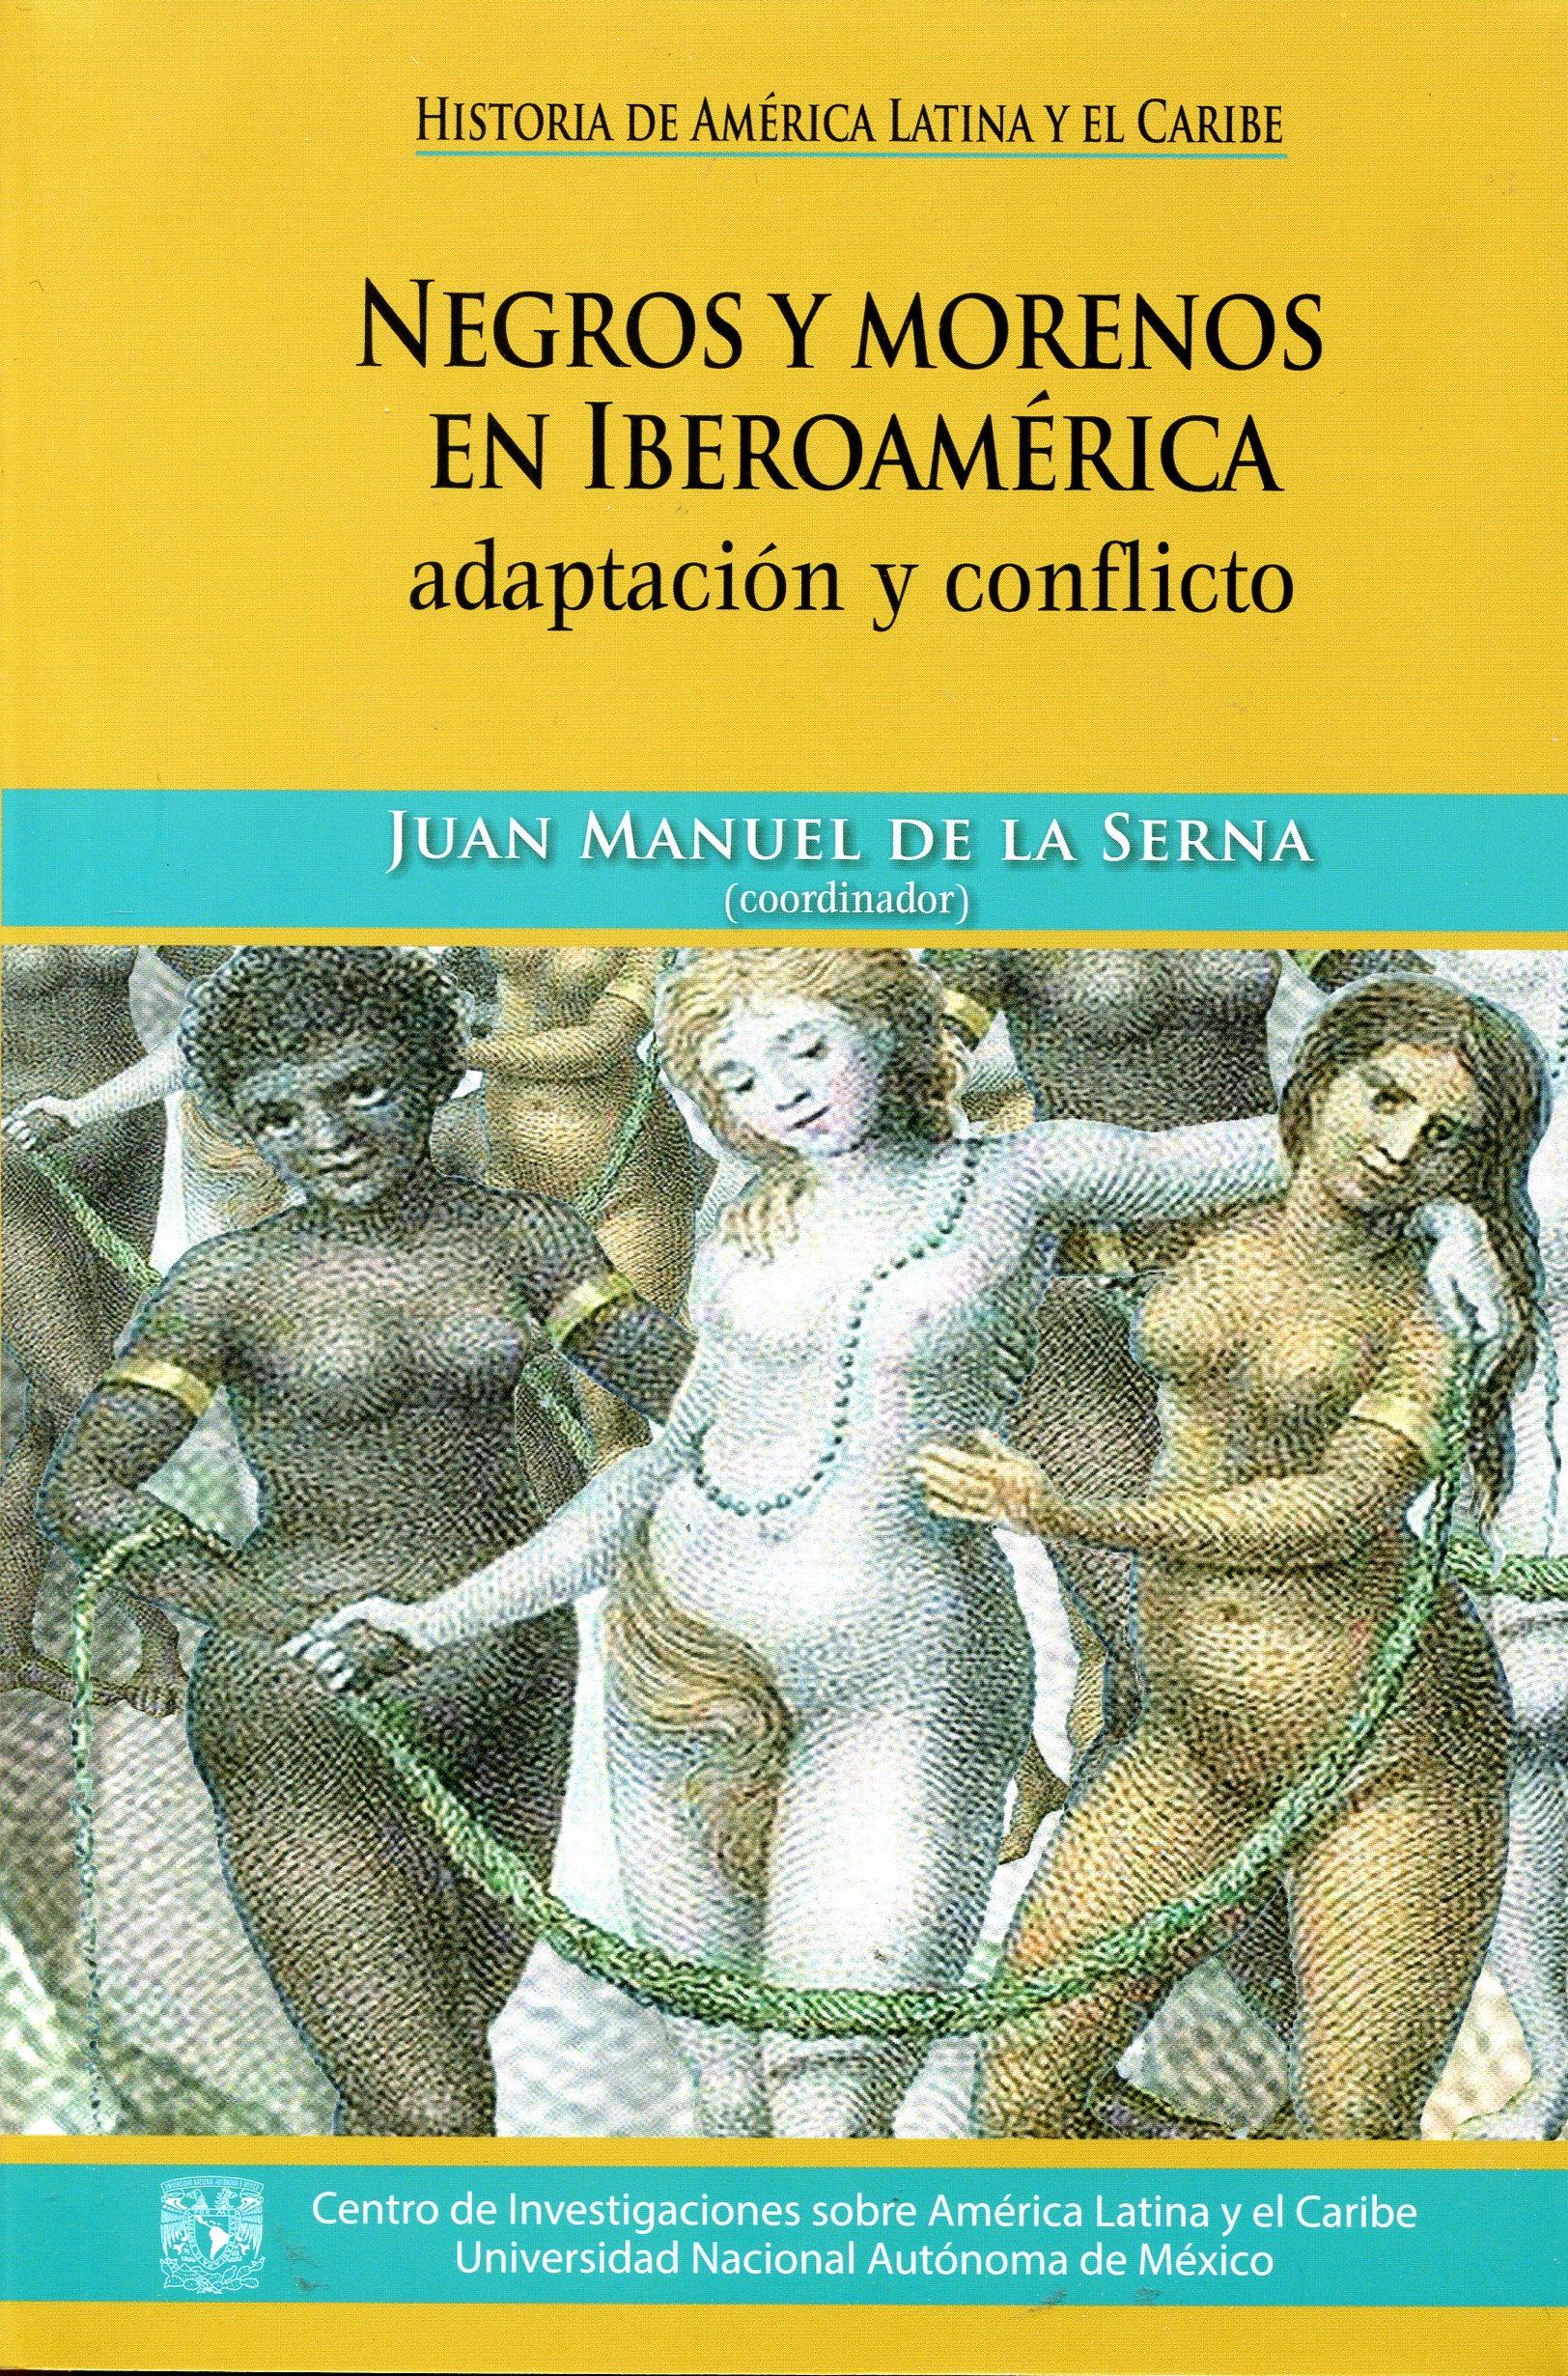 Negros y morenos en Iberoamerica. Adaptación y conflicto